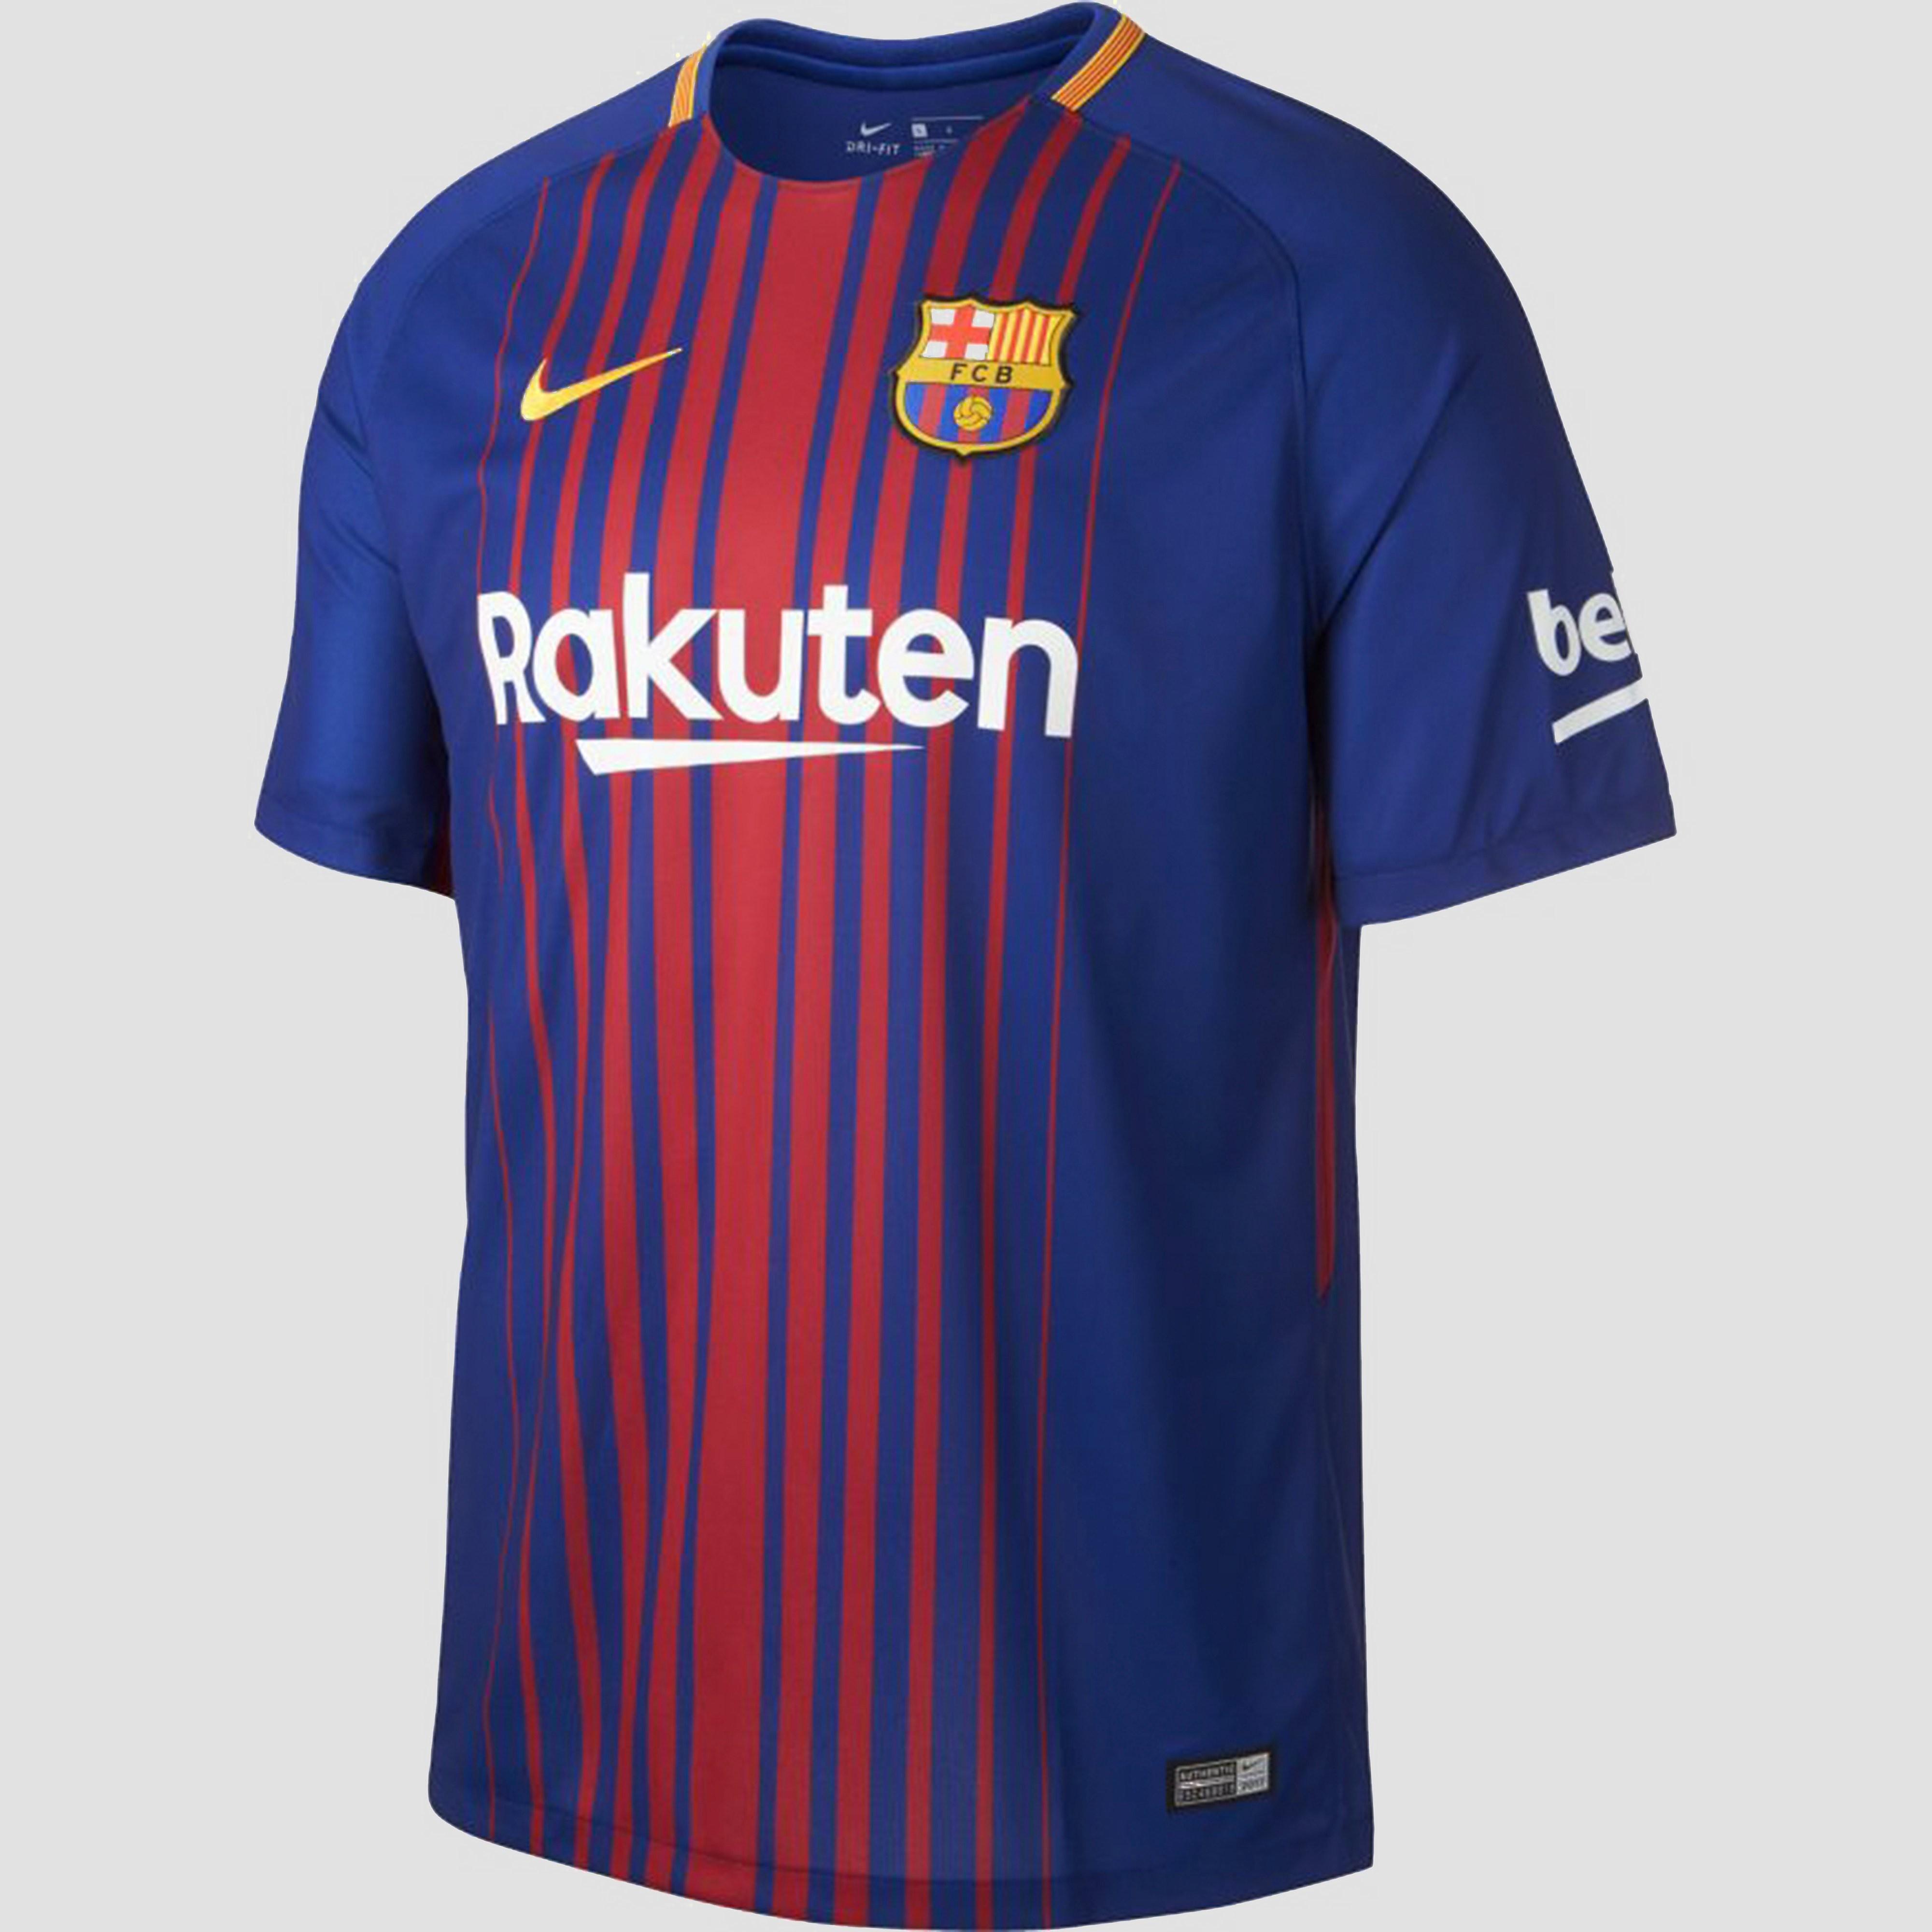 NIKE FC BARCELONA THUISSHIRT BLAUW/ROOD HEREN